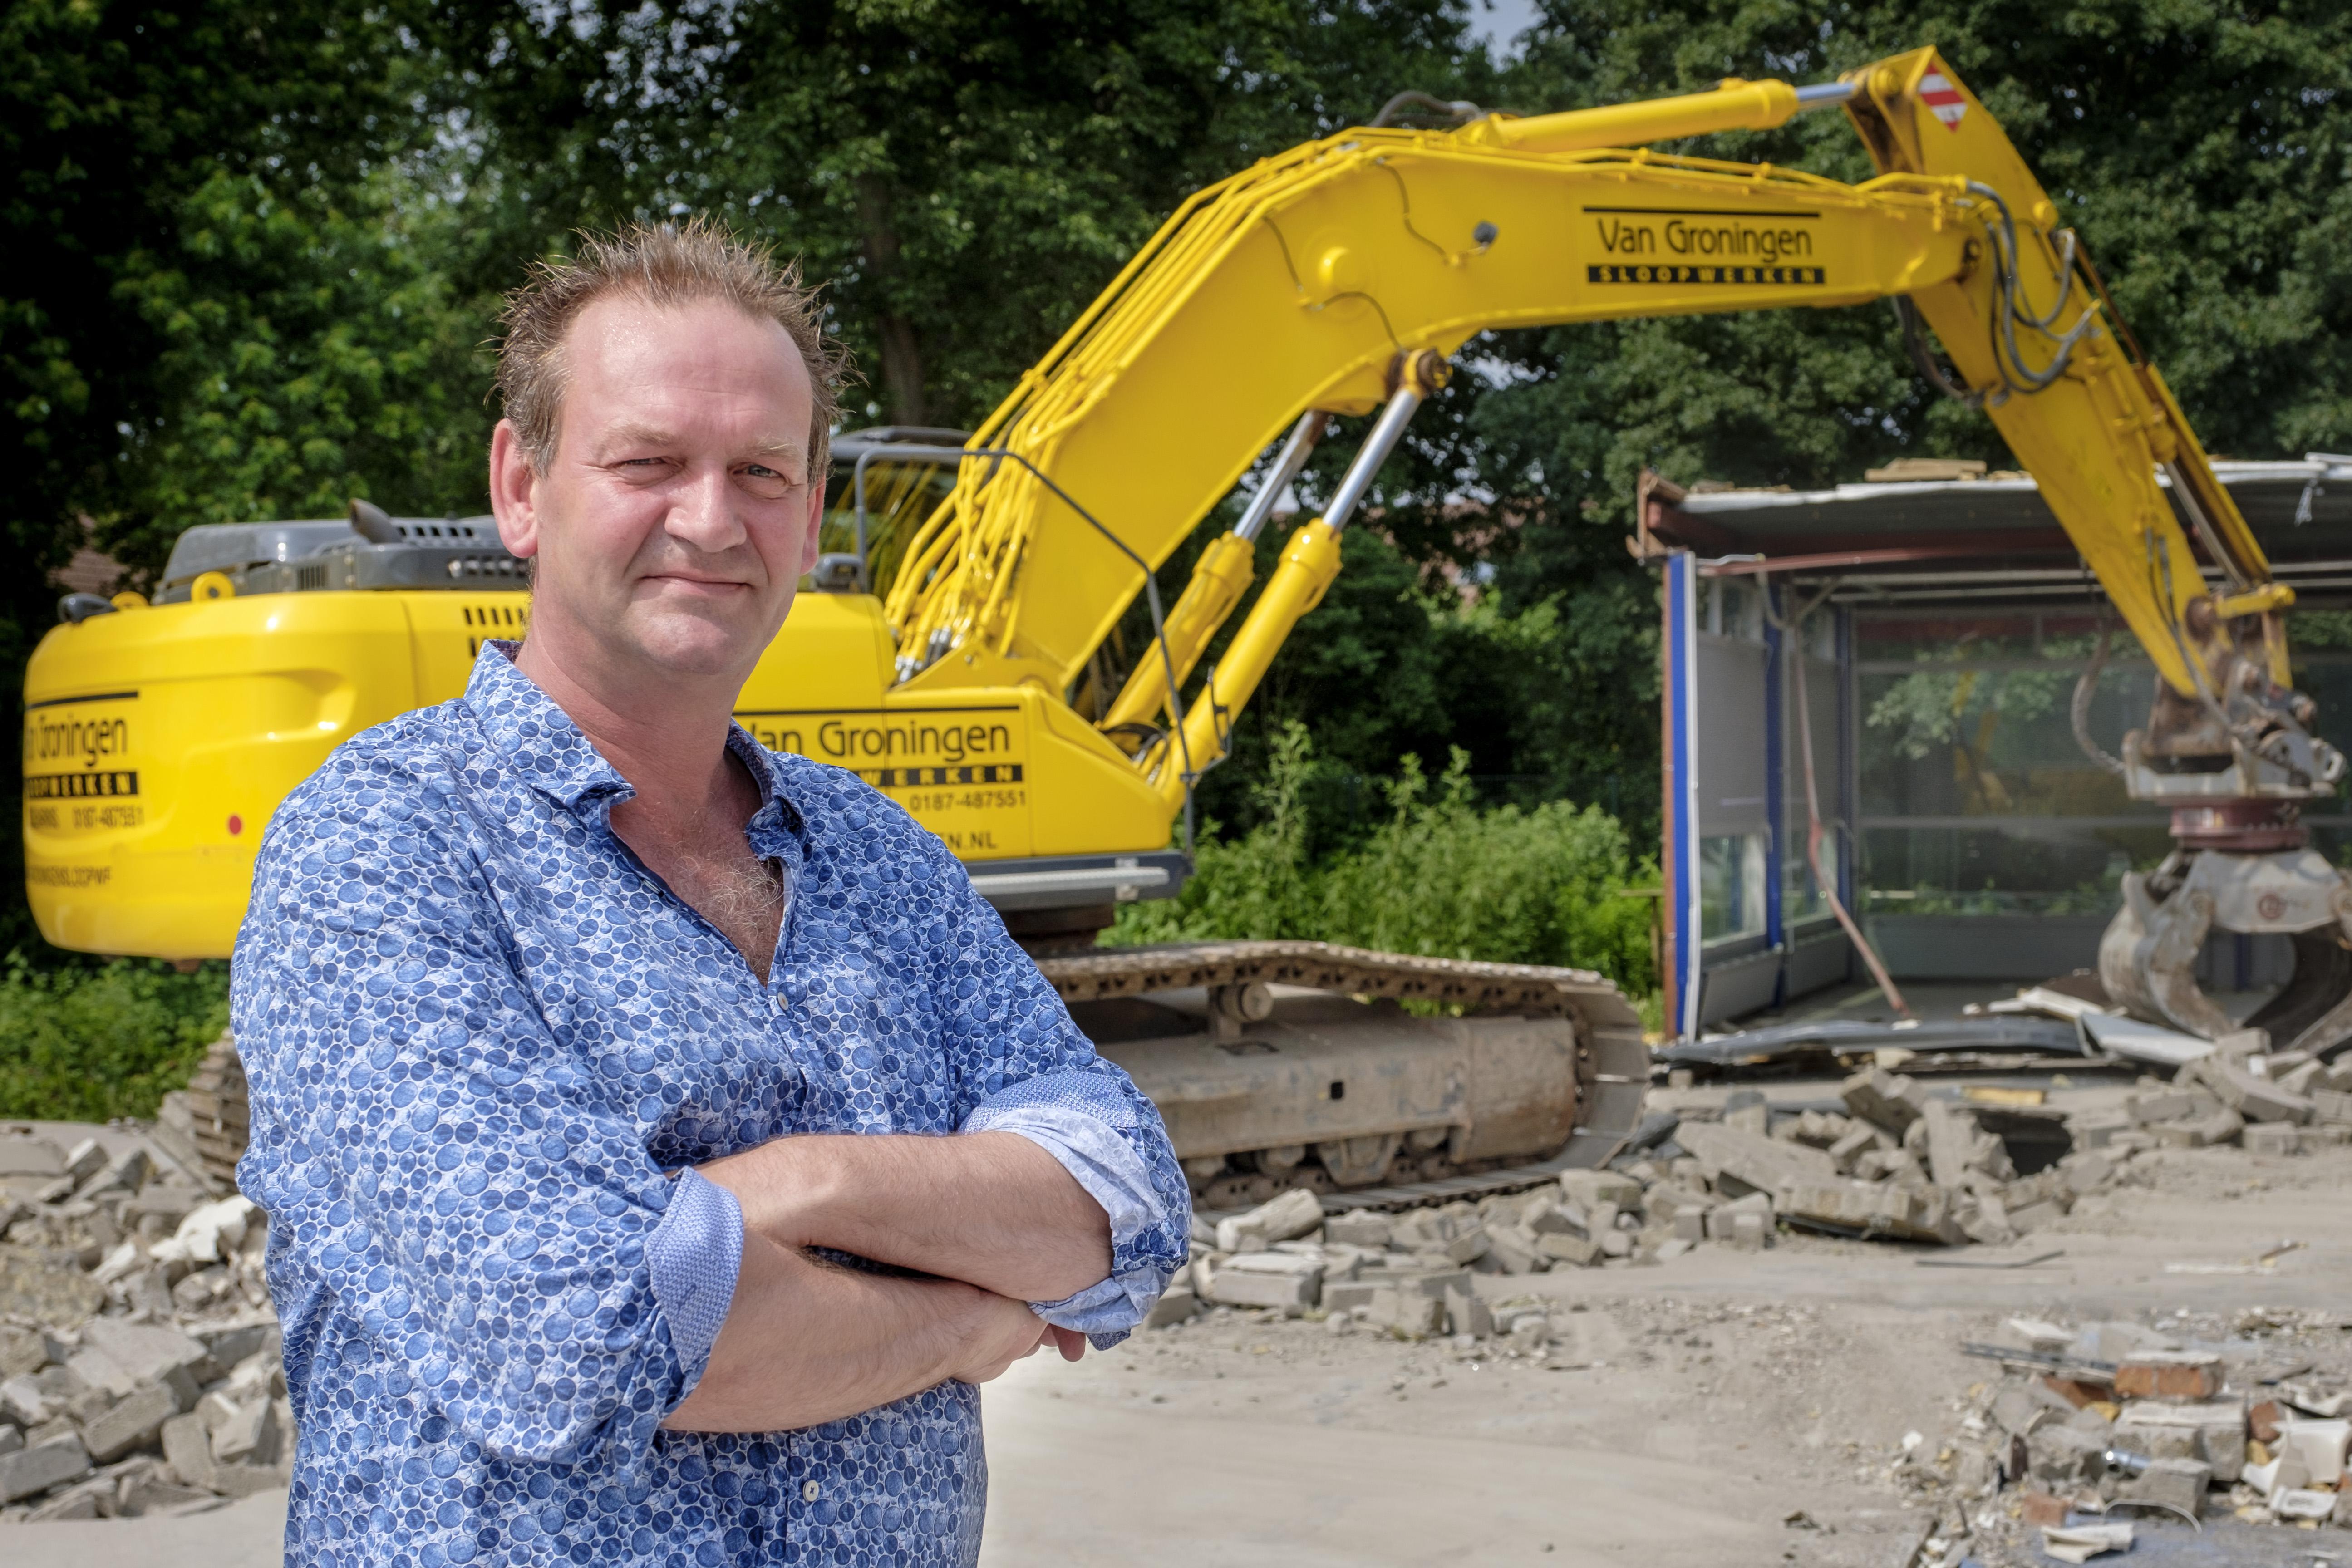 <p>John van Groningen is al jarenlang overtuigd van de kwaliteit van Kobelco machines in de sloop. In de afgelopen anderhalf jaar kocht hij een Kobelco SK270SR, een SK300LC-10 en een SK350LC-10.</p>